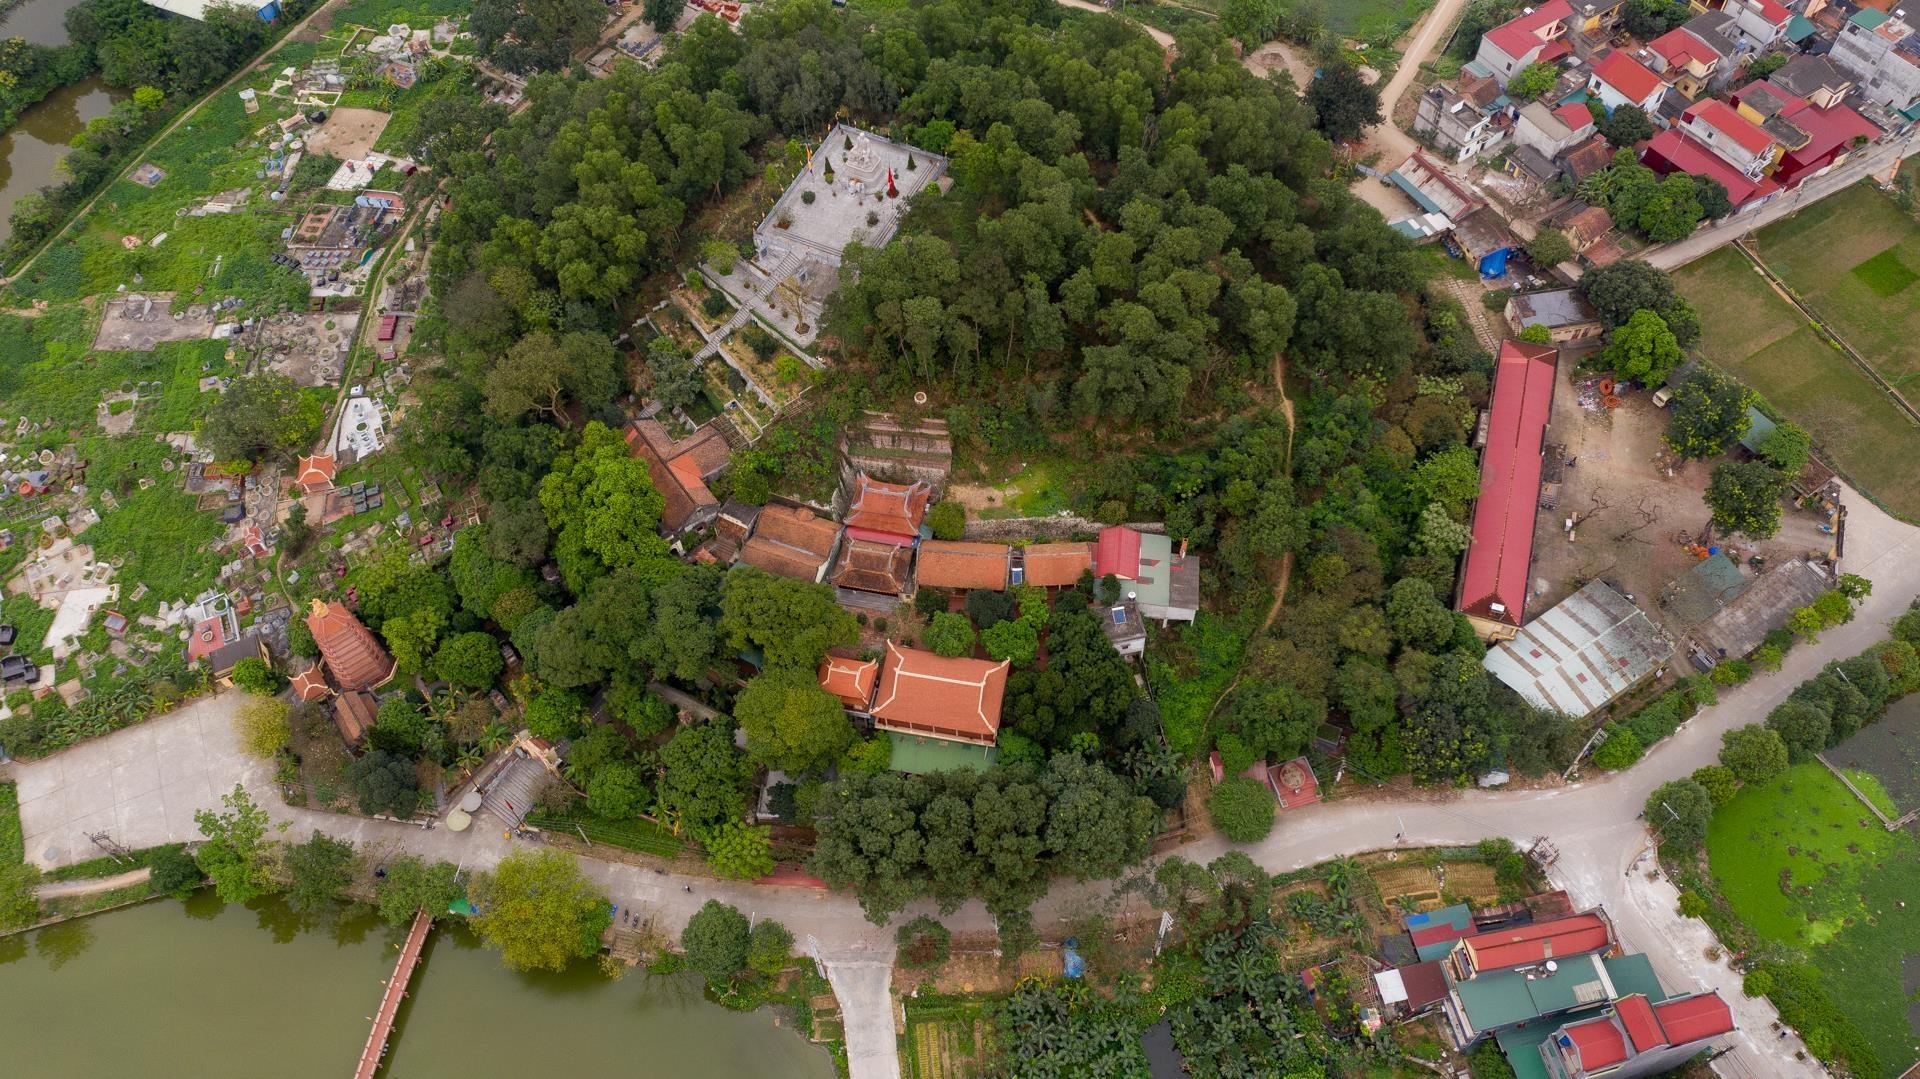 Ngôi chùa cổ kính thanh sơ, không đặt hòm công đức ven Hà Nội